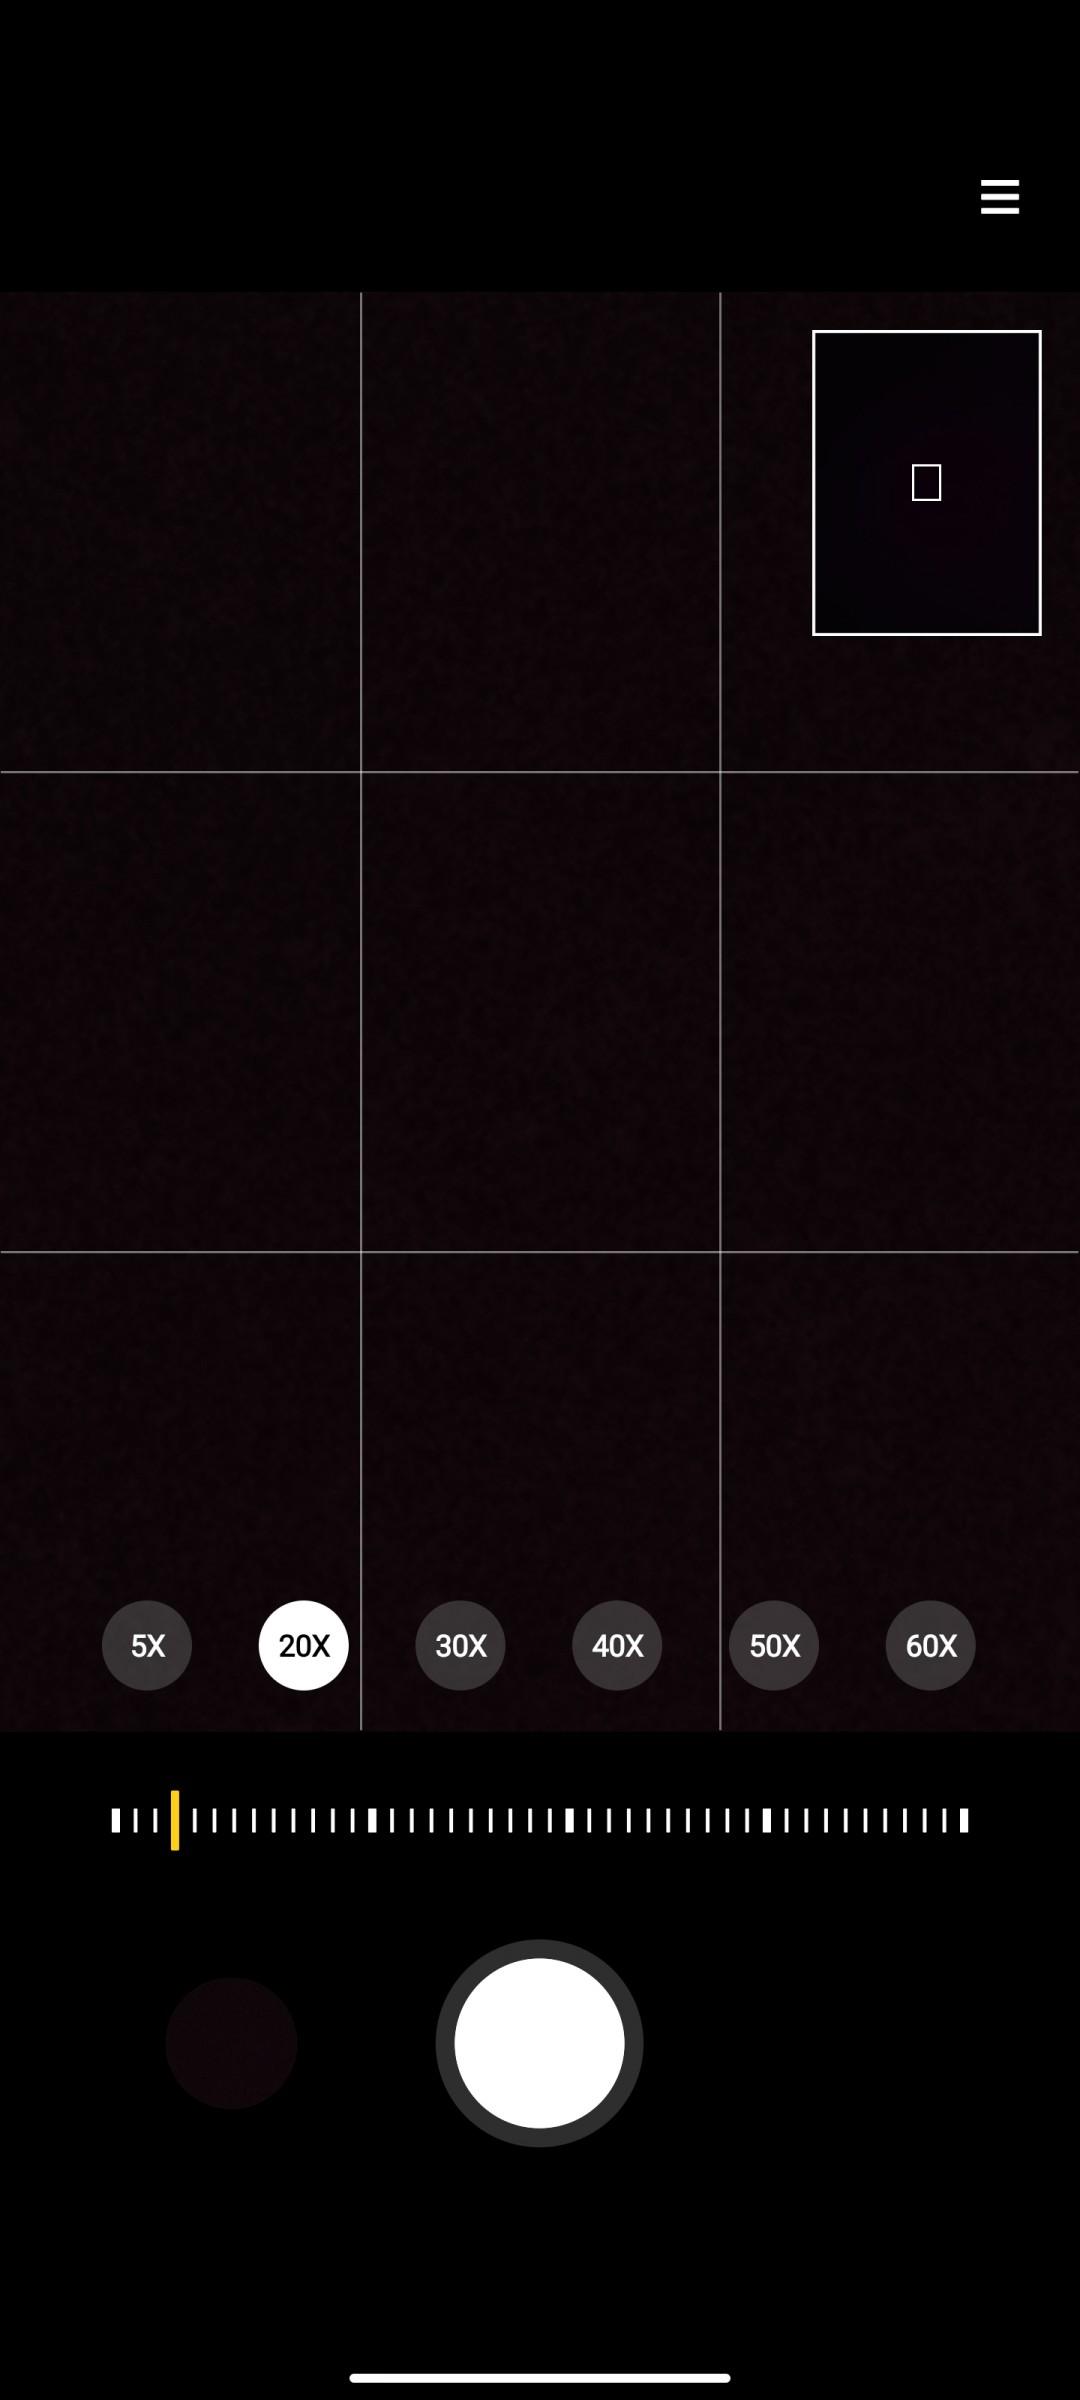 بررسی کامل و تخصصی گوشی می 11 اولترا شیائومی 104